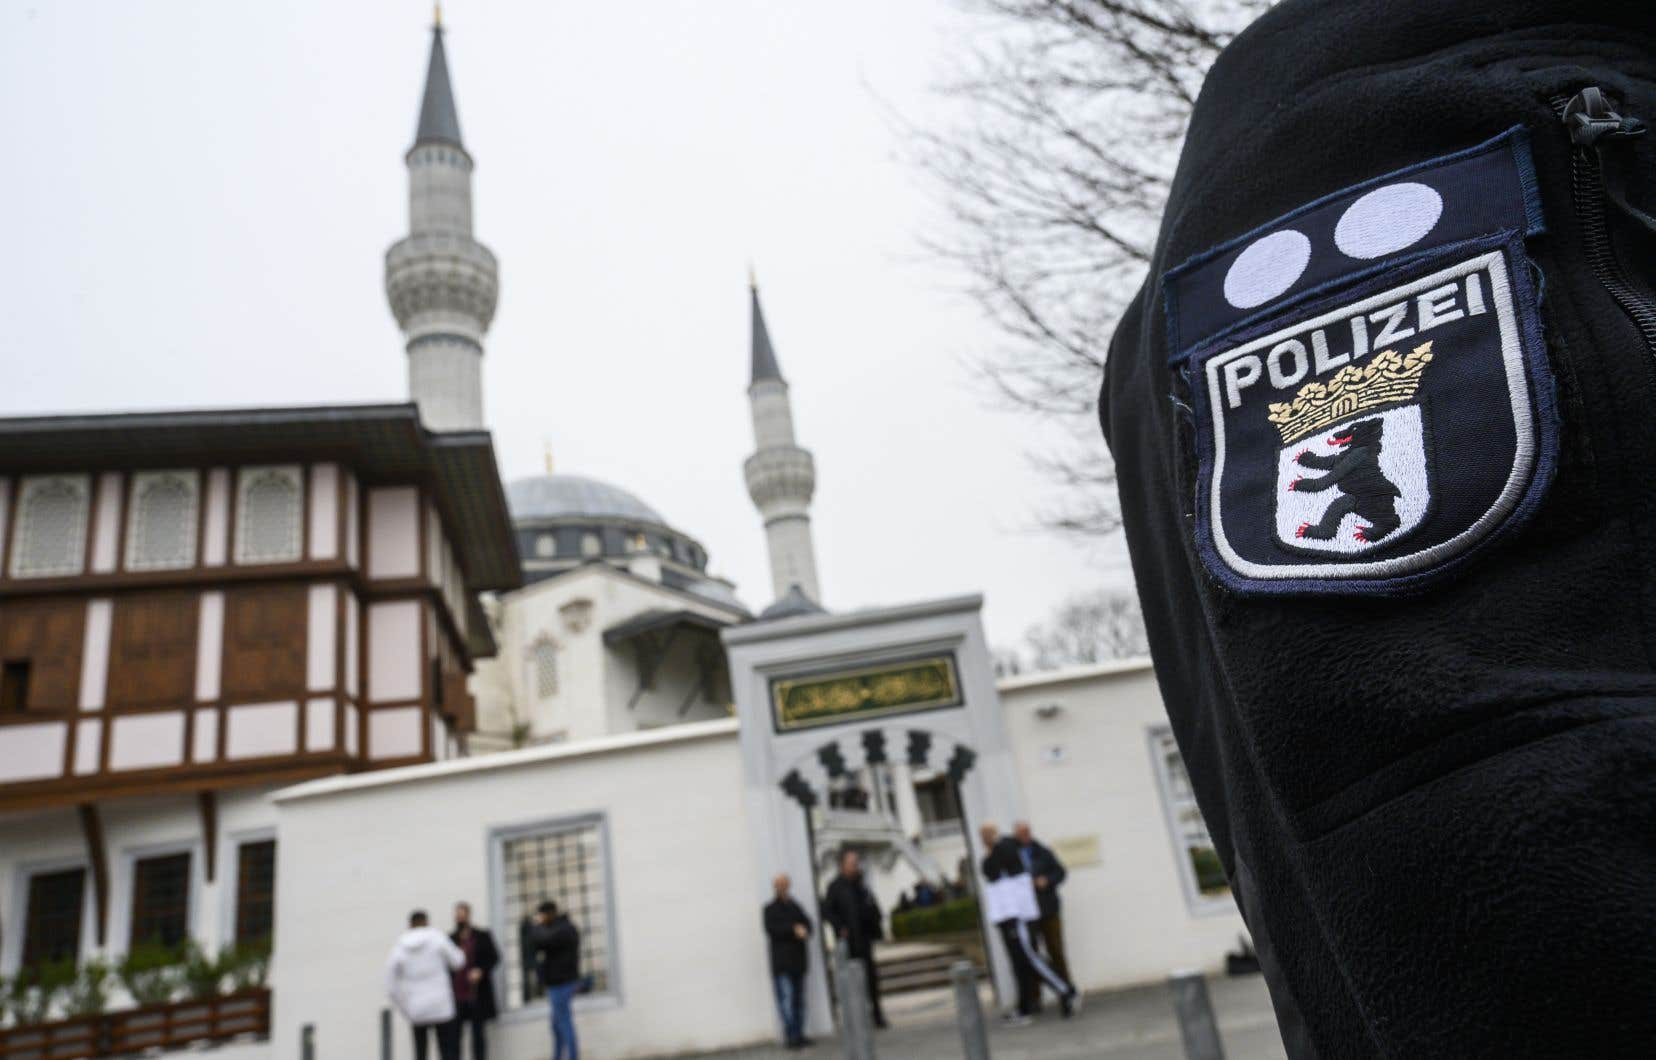 Vendredi, douze membres d'un groupuscule d'extrême droite ont été arrêtés dans toute l'Allemagne puis placés en détention sous le soupçon de préparatifs d'attentats.